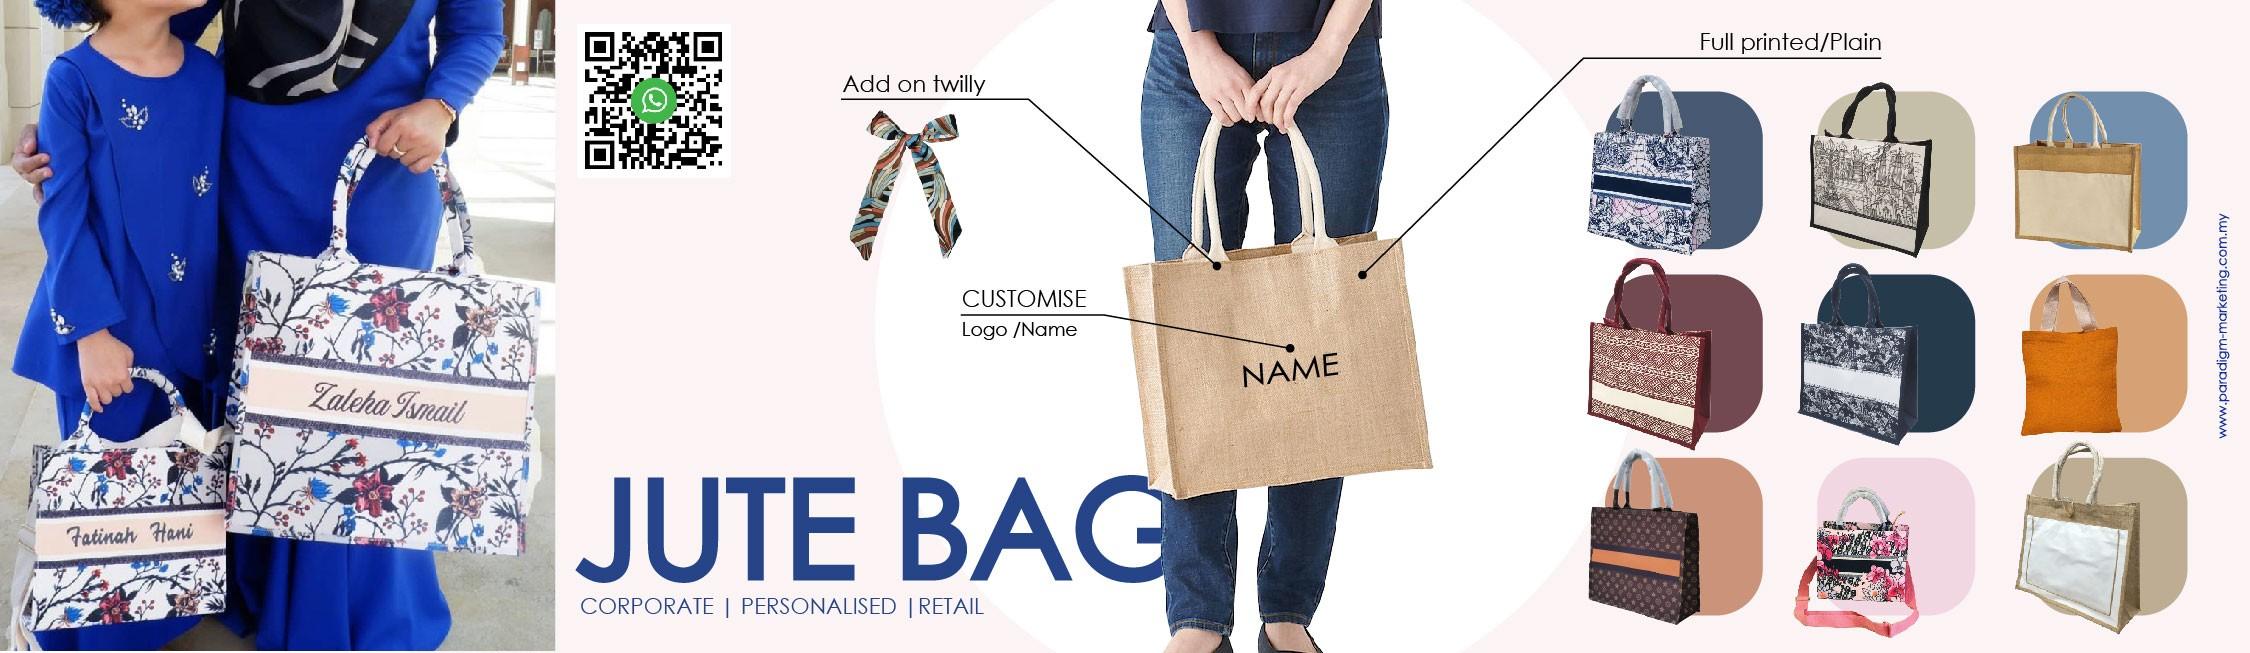 Jute Bag New